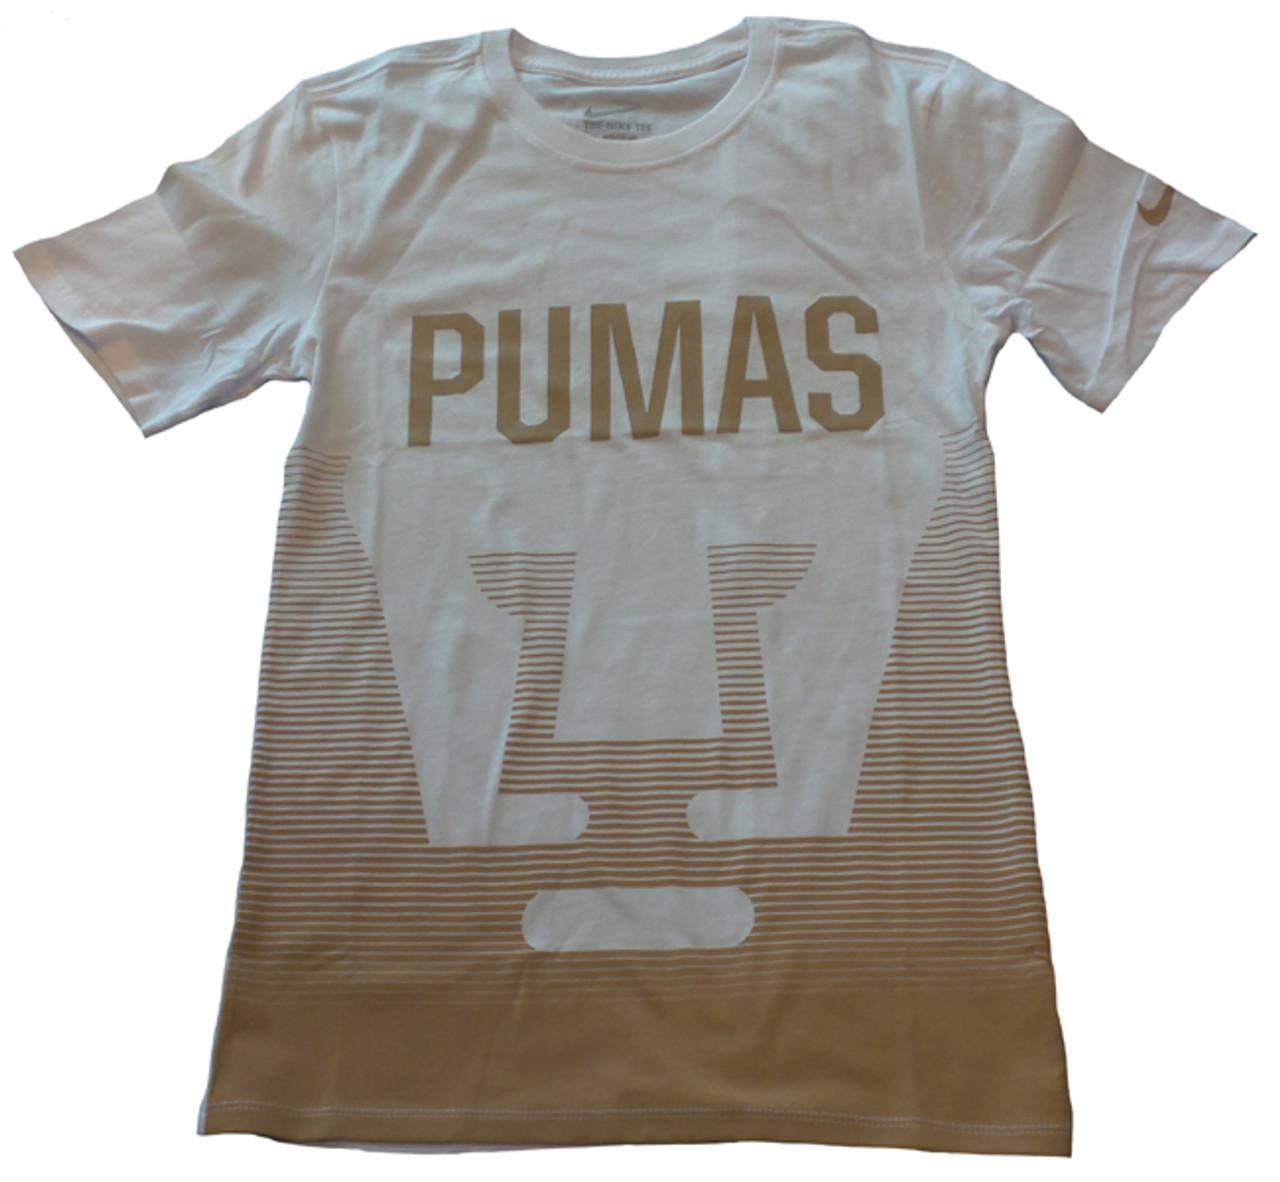 new products 81ebd 3d9b1 NIKE PUMAS UNAM 2016 T-SHIRT WHITE